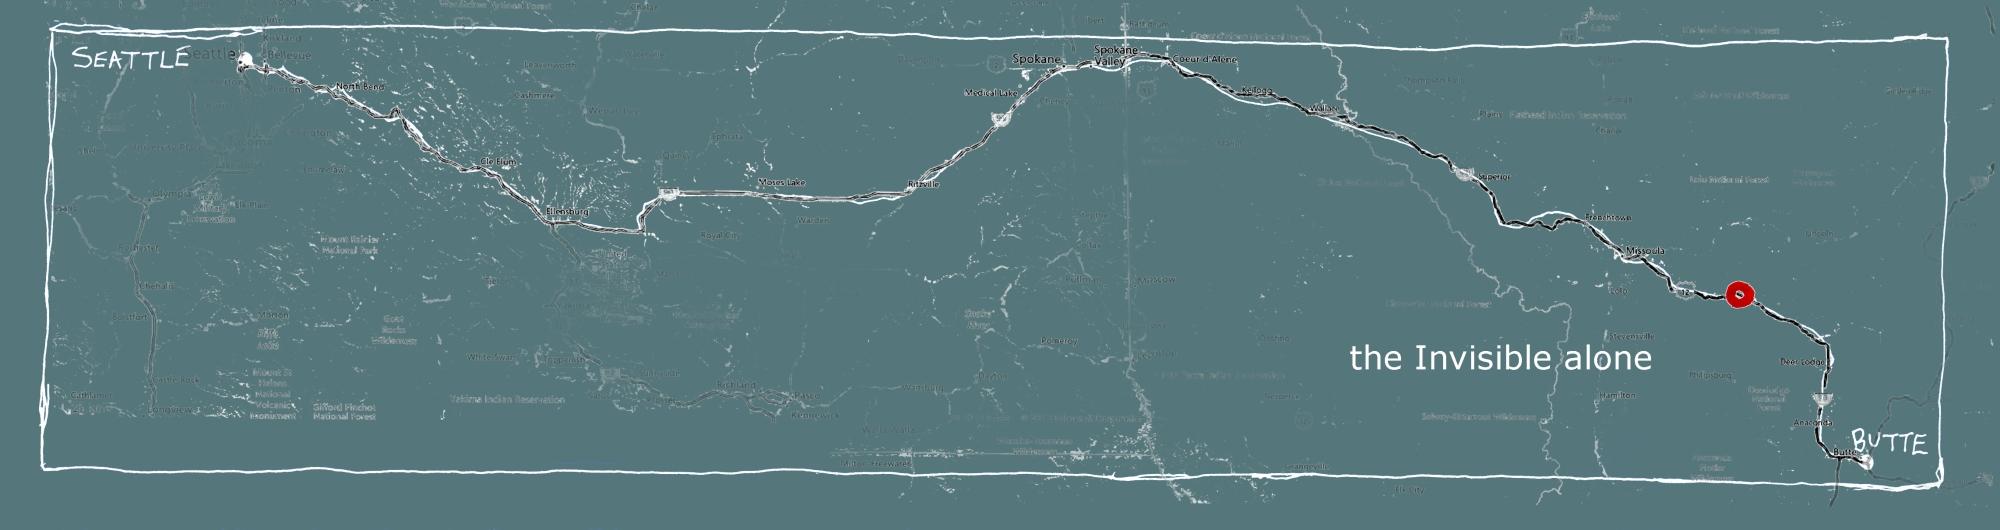 459 map